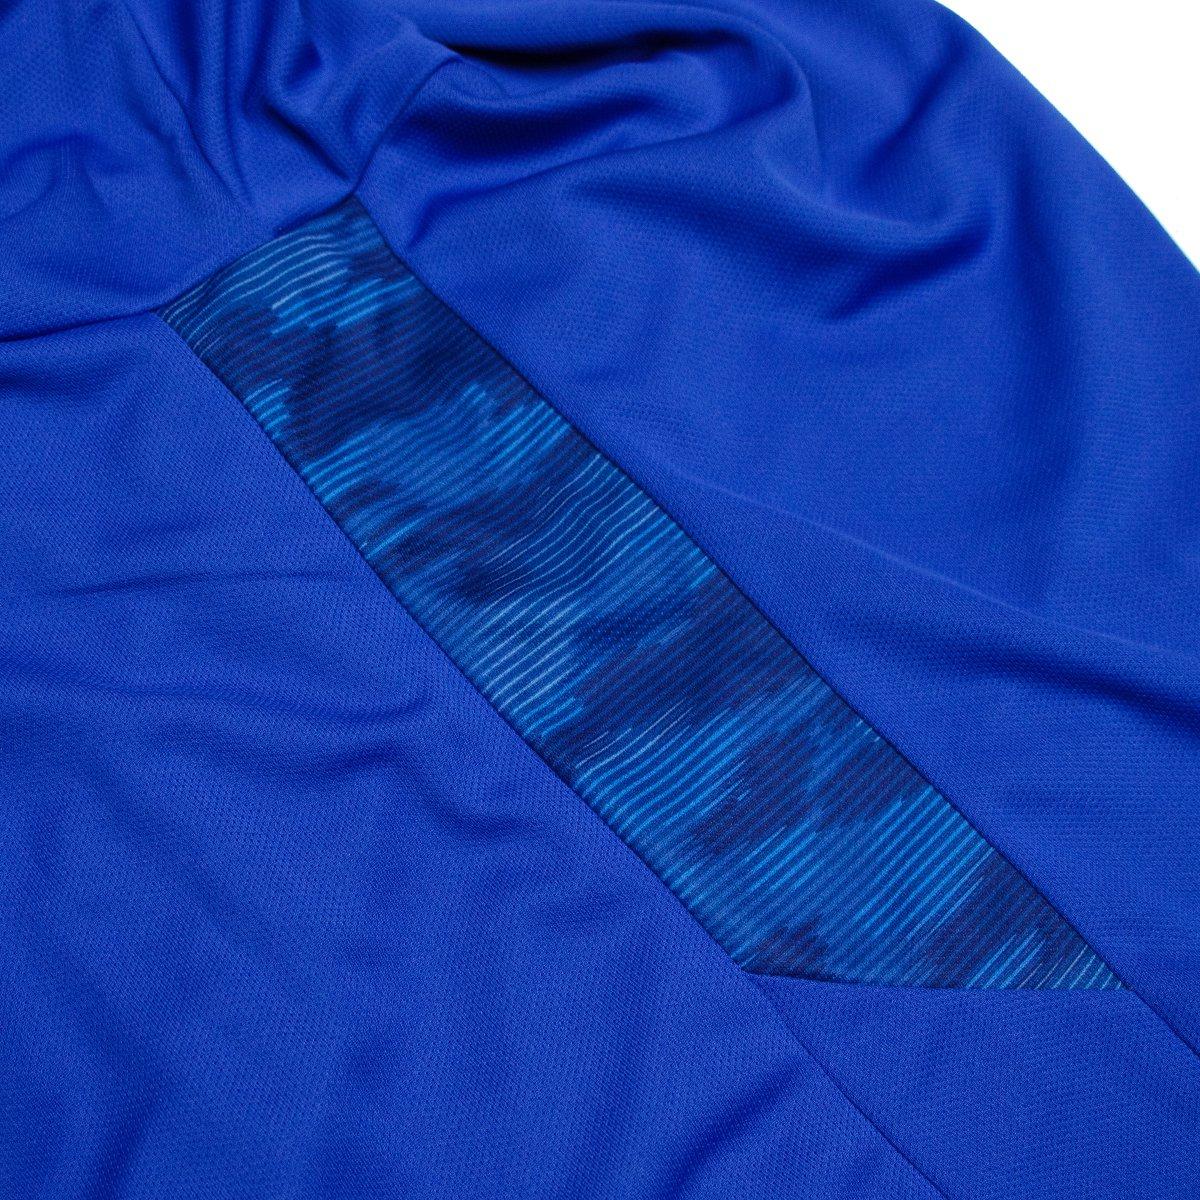 プラクティスシャツ '21 ブルー